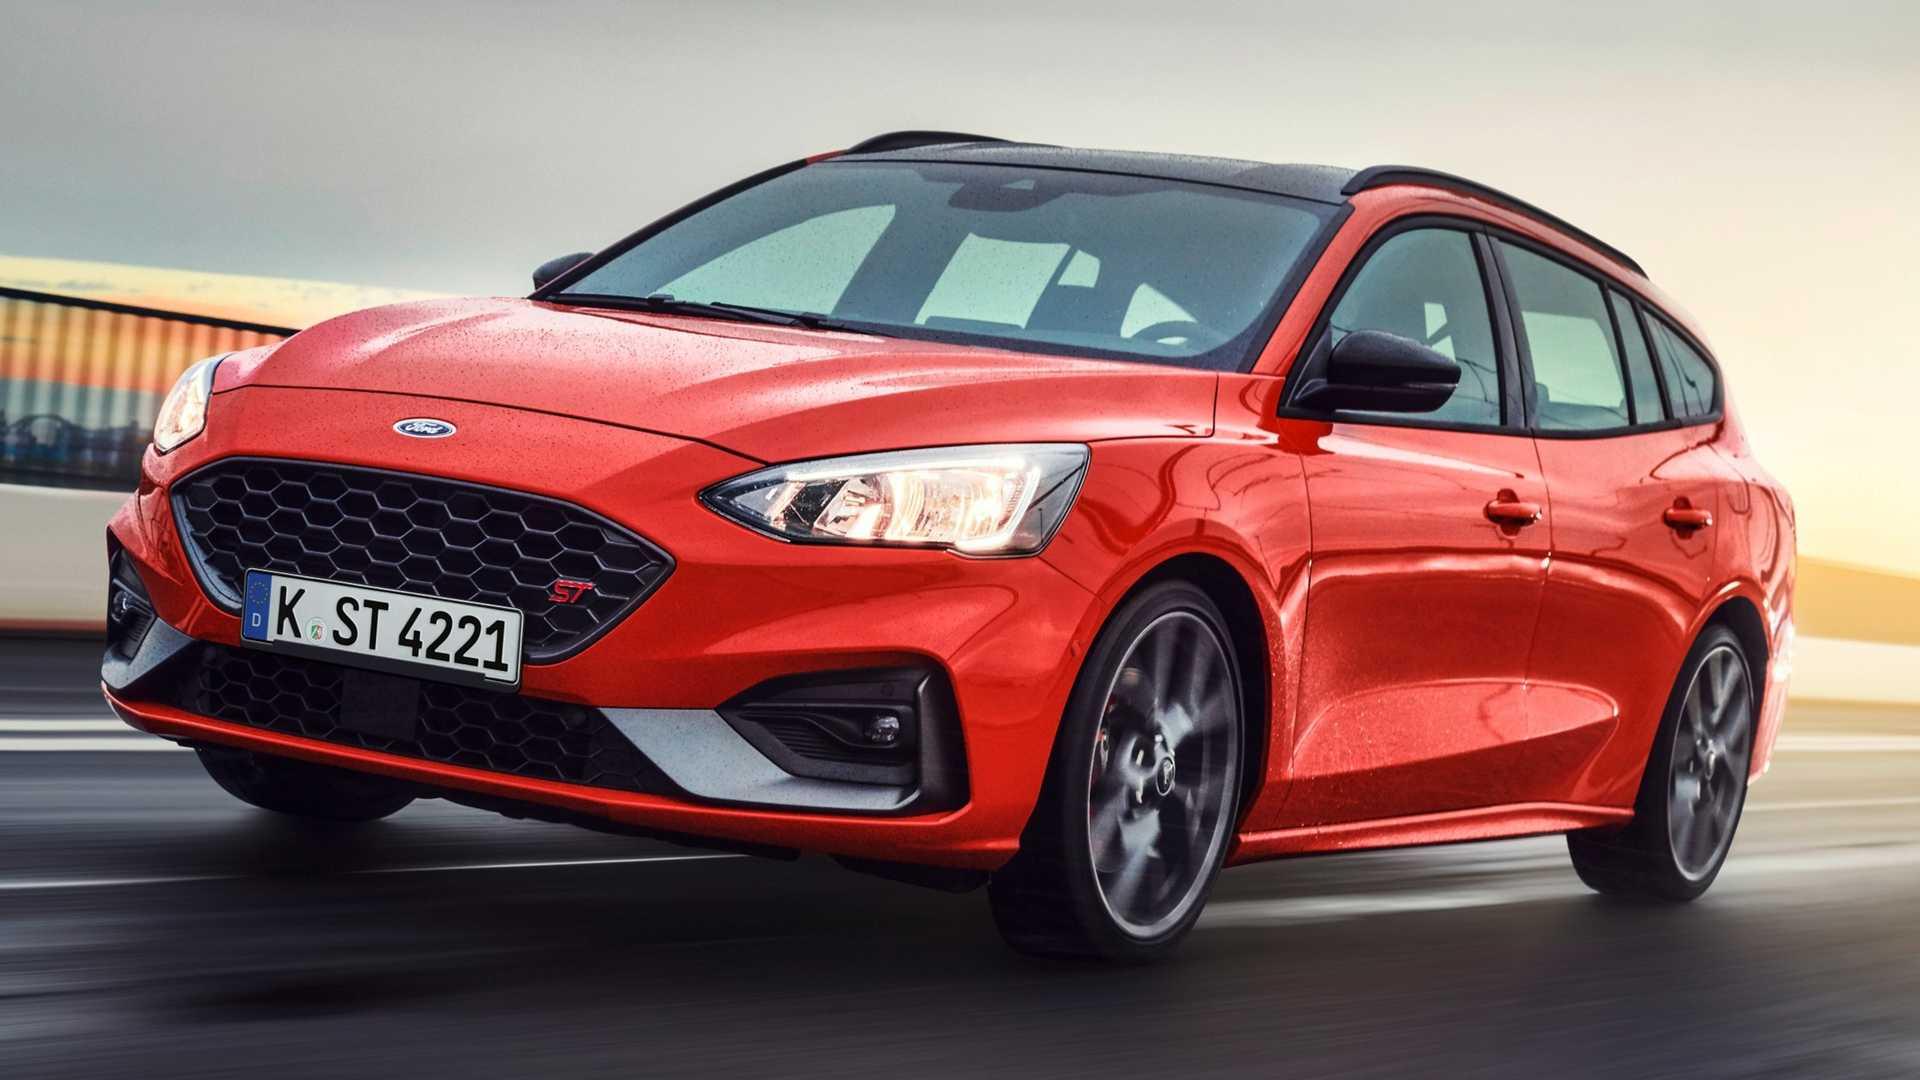 В четвертом поколении Ford Focus ST предлагается в кузовах хэтчбек и универсал, последний представлен только сейчас. Давайте разбираться в его особенностях